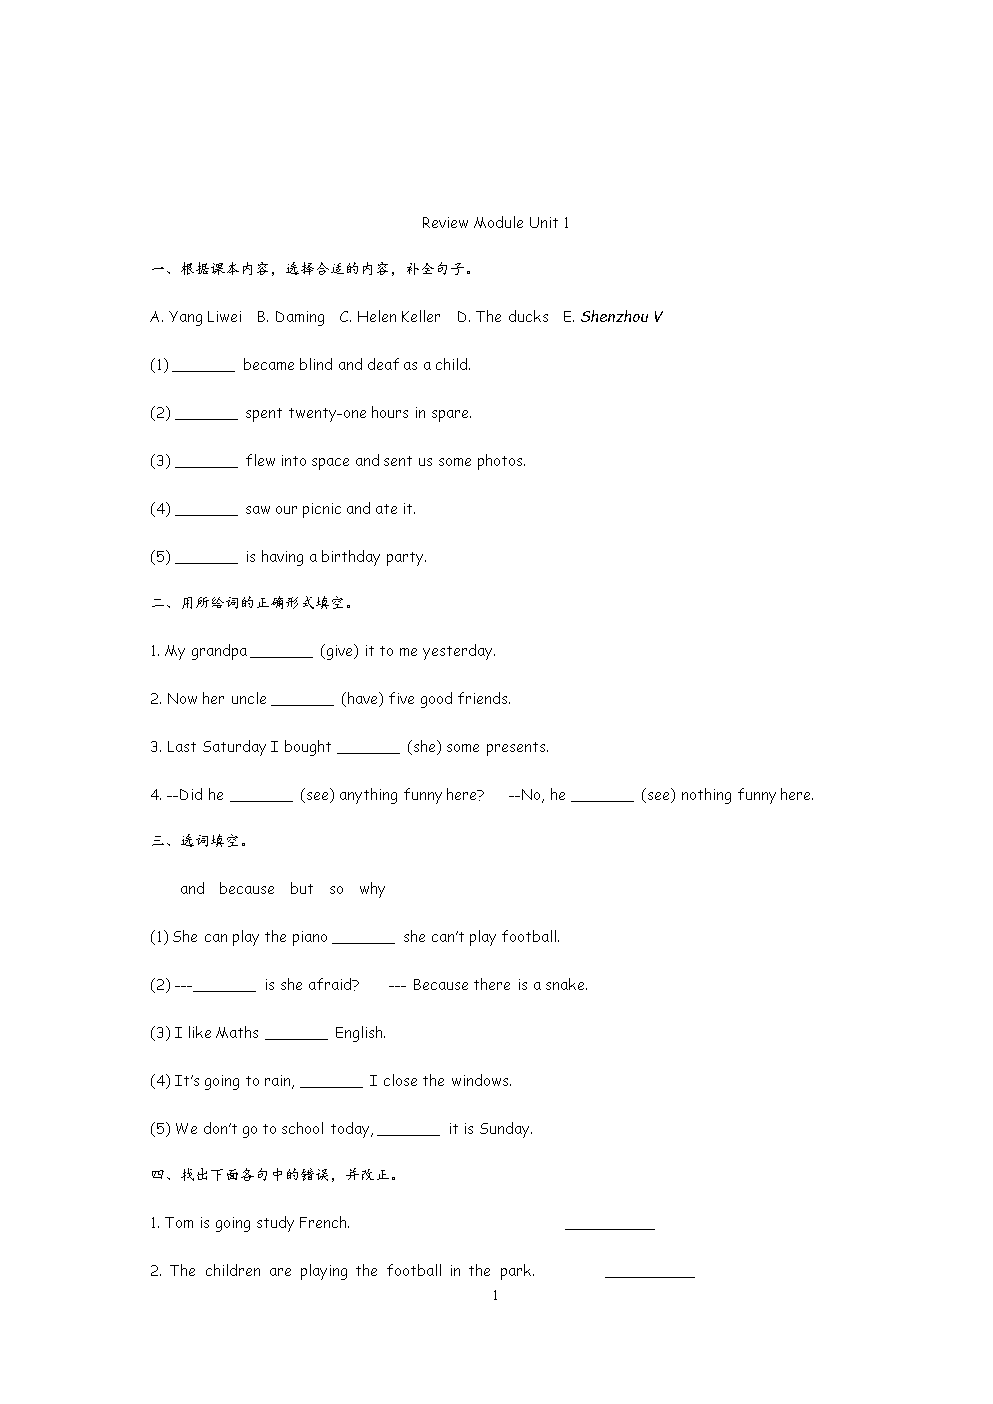 外研英语六年级下册Review Module Unit 1教案.docx